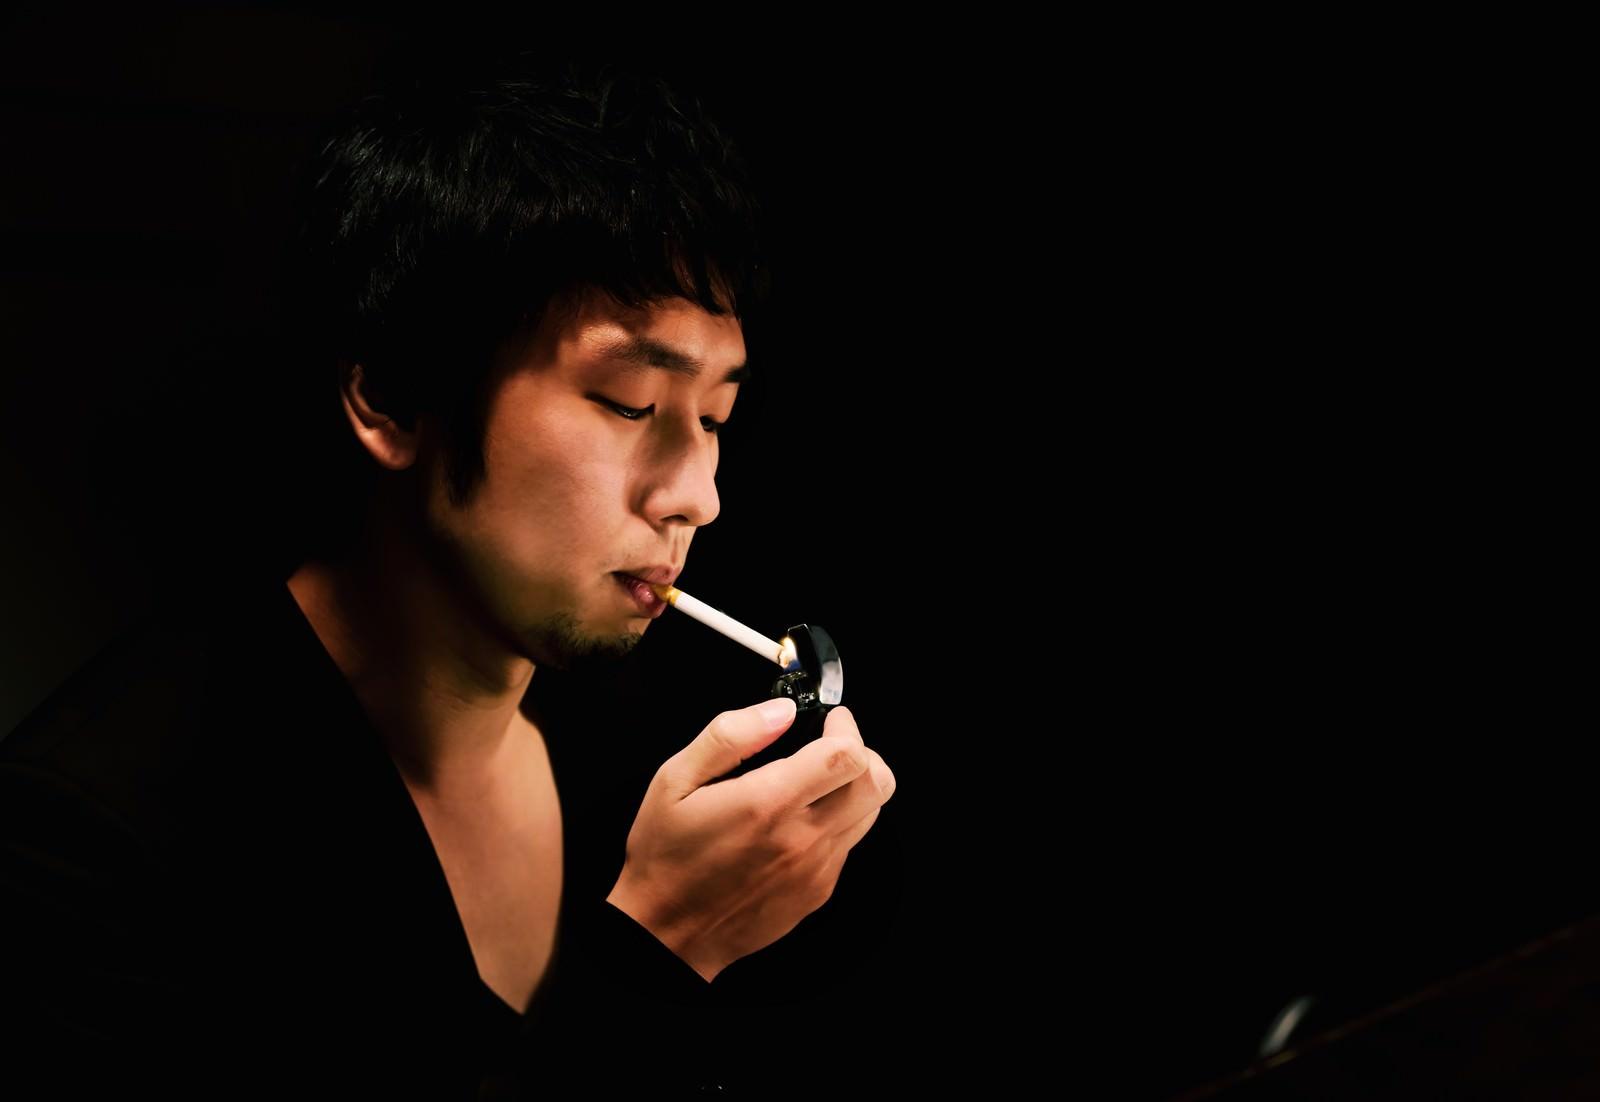 「暗いBARでタバコに火をつける男性暗いBARでタバコに火をつける男性」[モデル:大川竜弥]のフリー写真素材を拡大